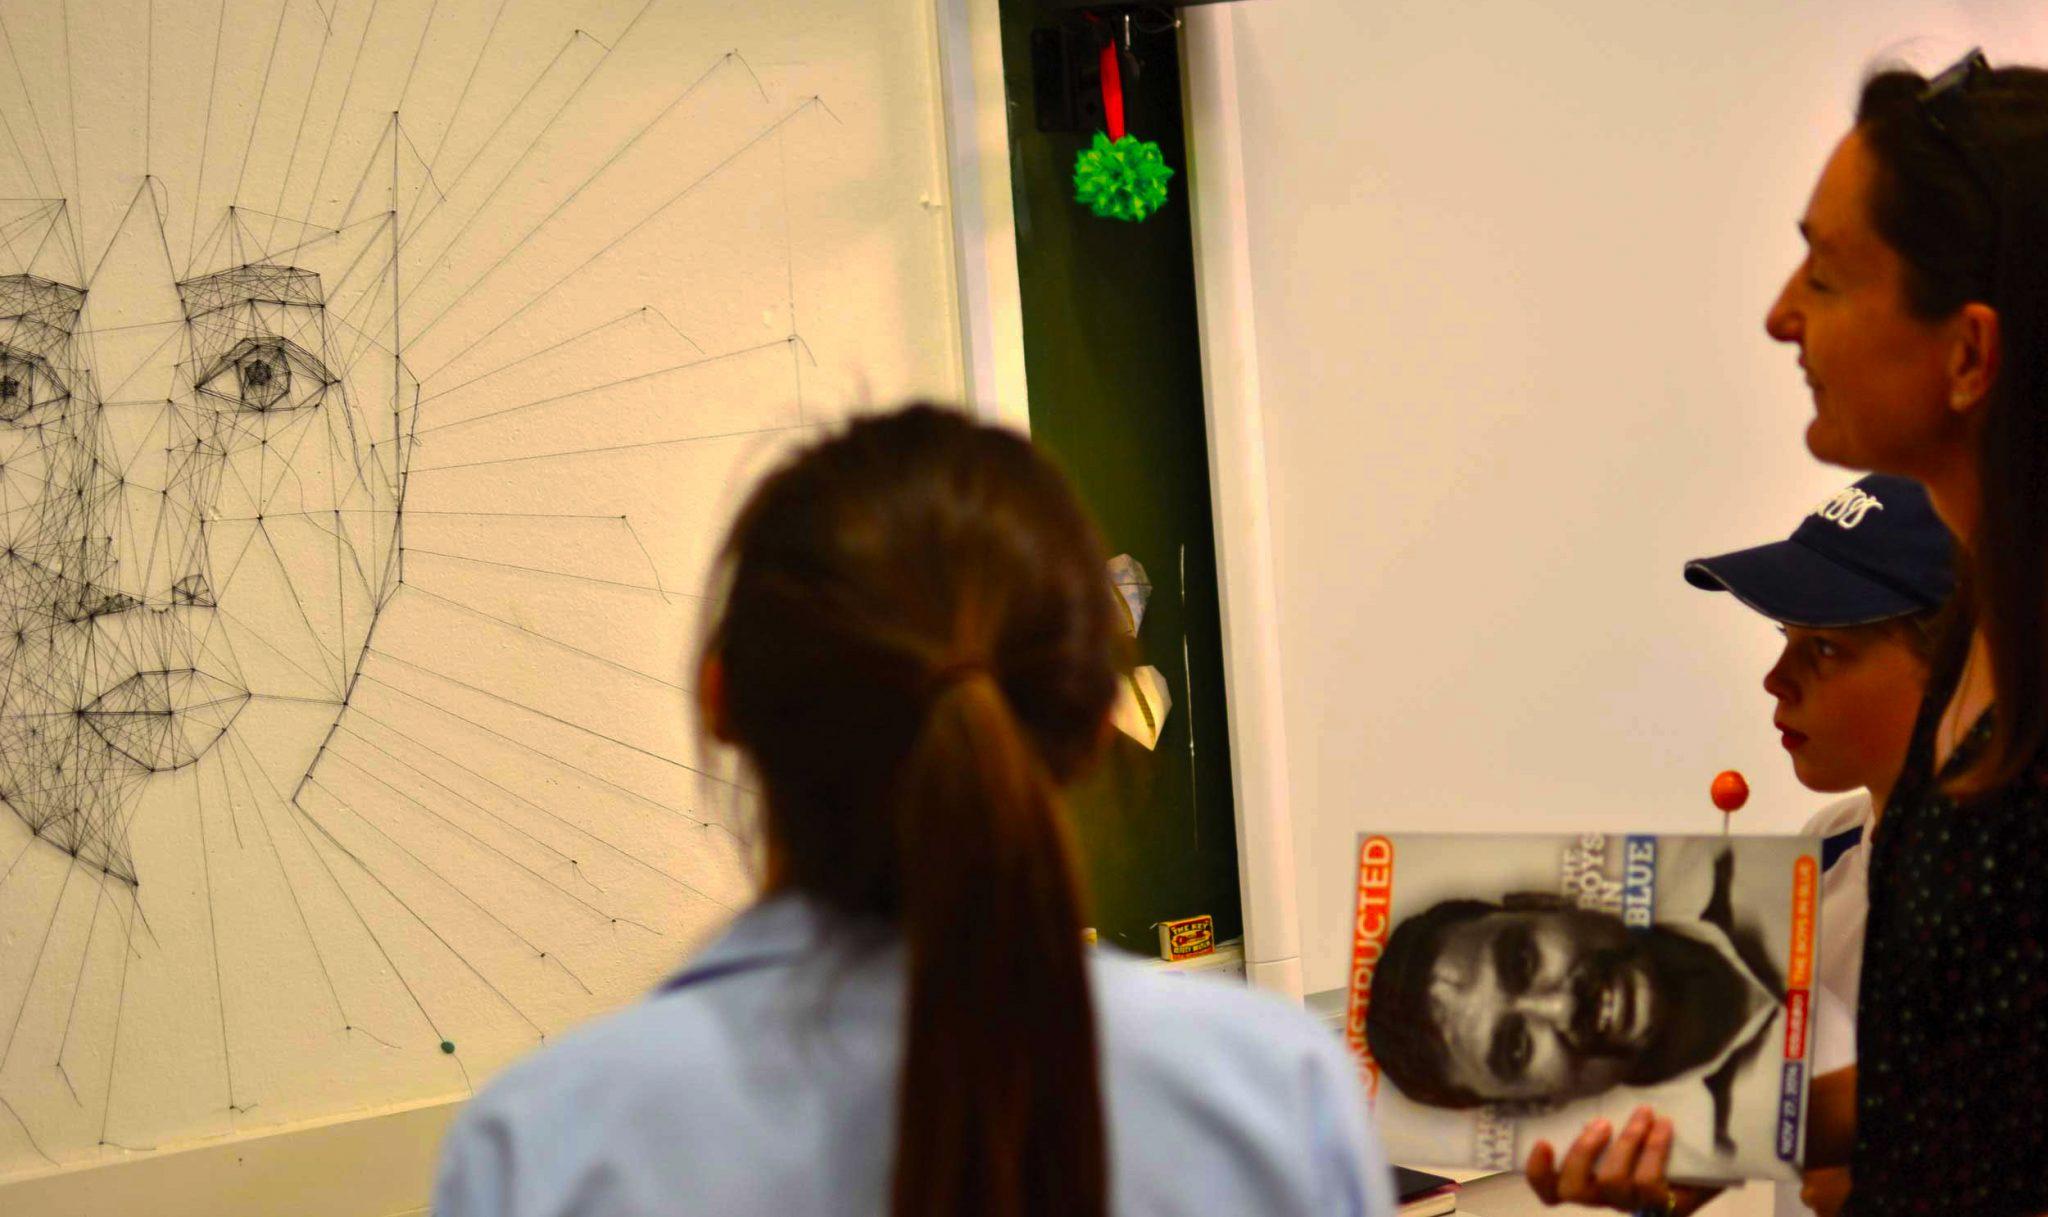 Studenten und Kollegen des Dubai College betrachten eine wissenschaftliche Methode, um zu verstehen, wie man das menschliche Gesicht zeichnet